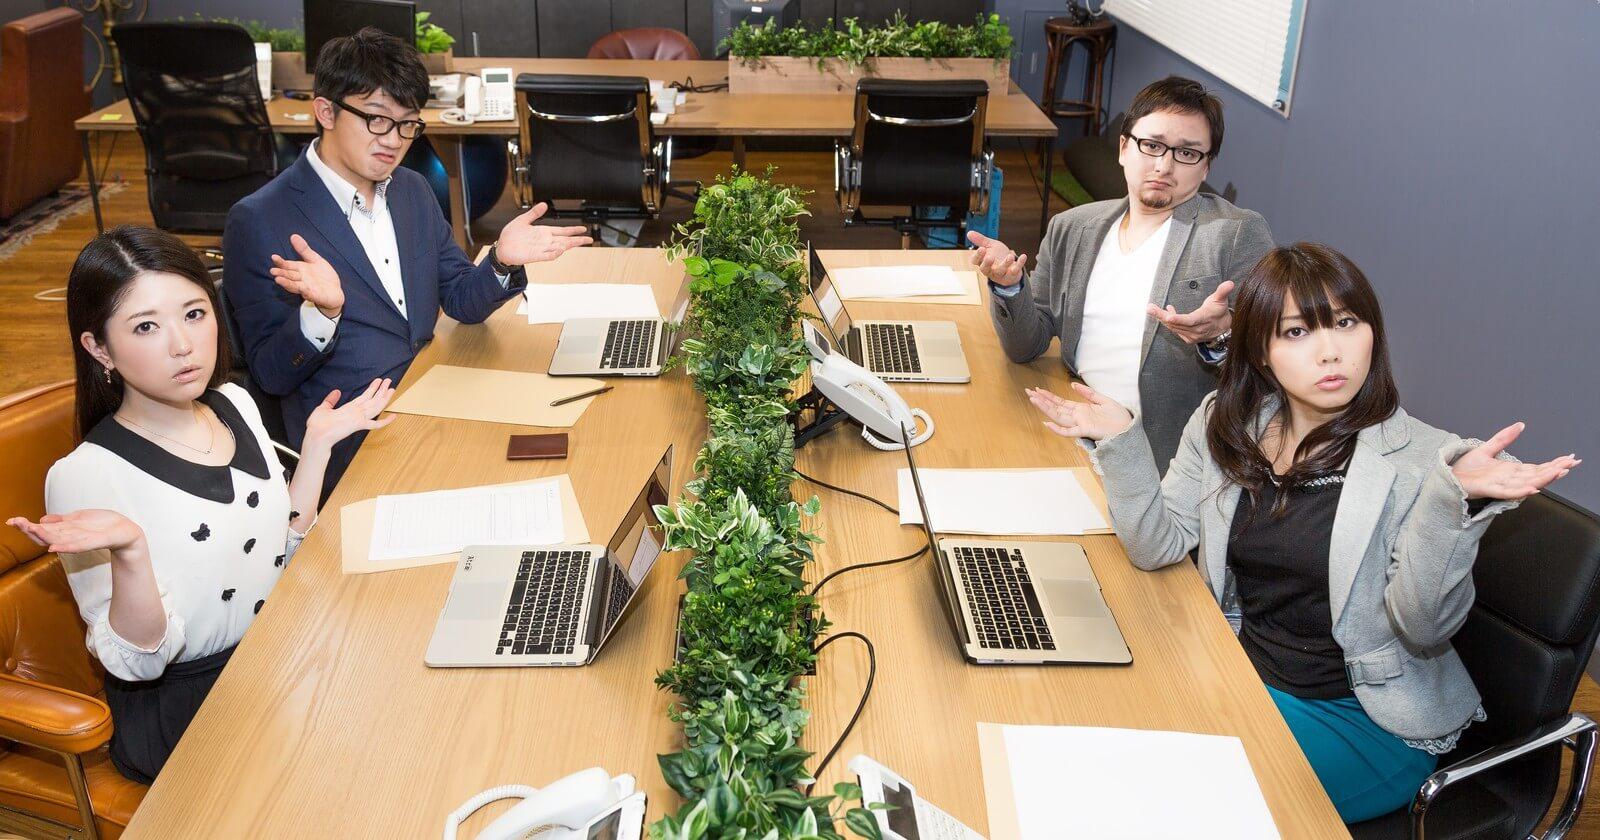 無駄な会議をしてる?会議を改善する4つのルール